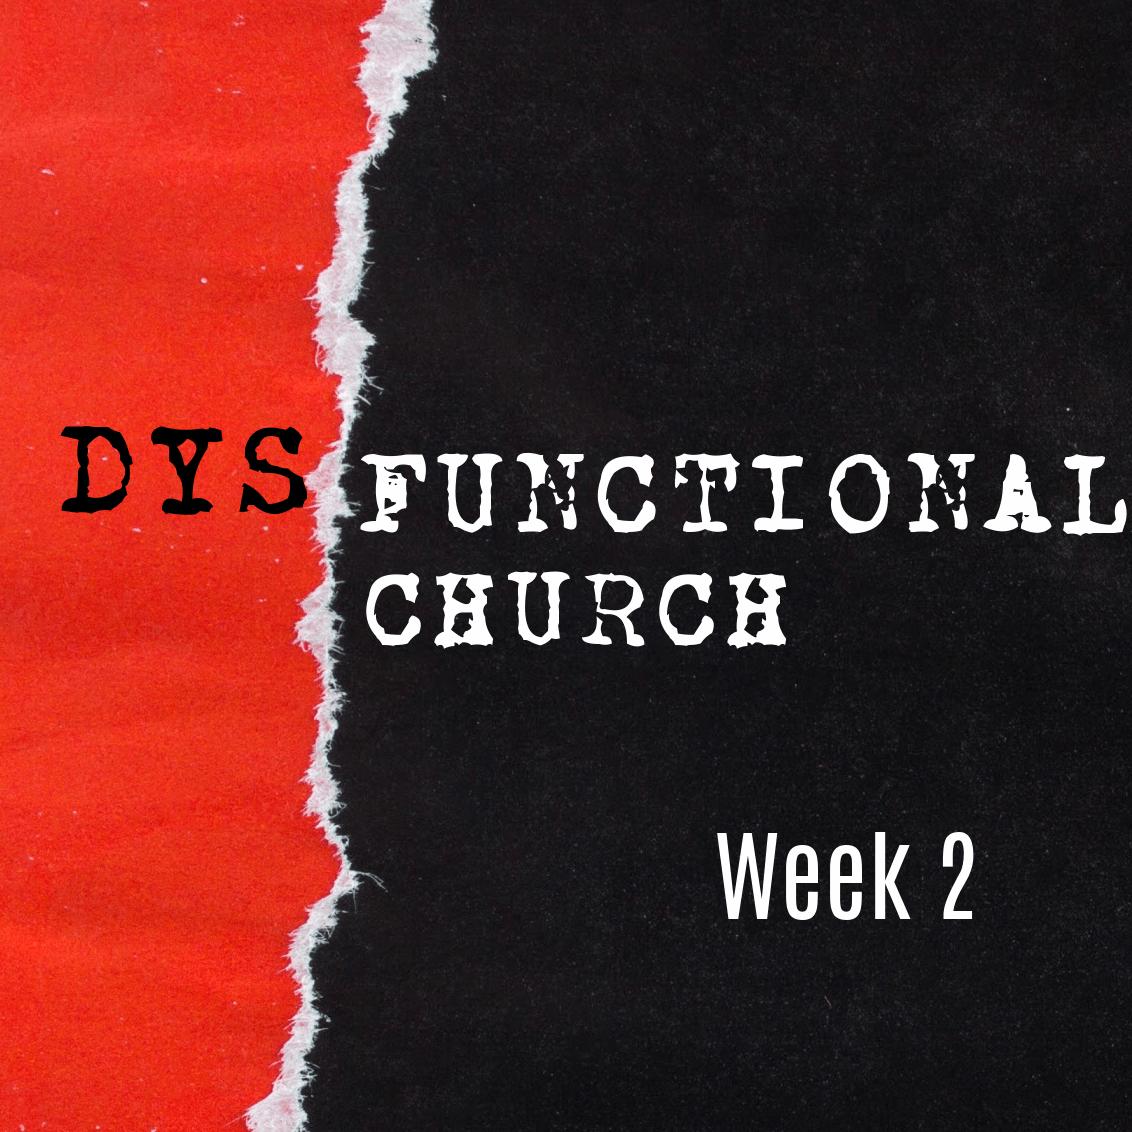 Dysfunctional Church – Week 2